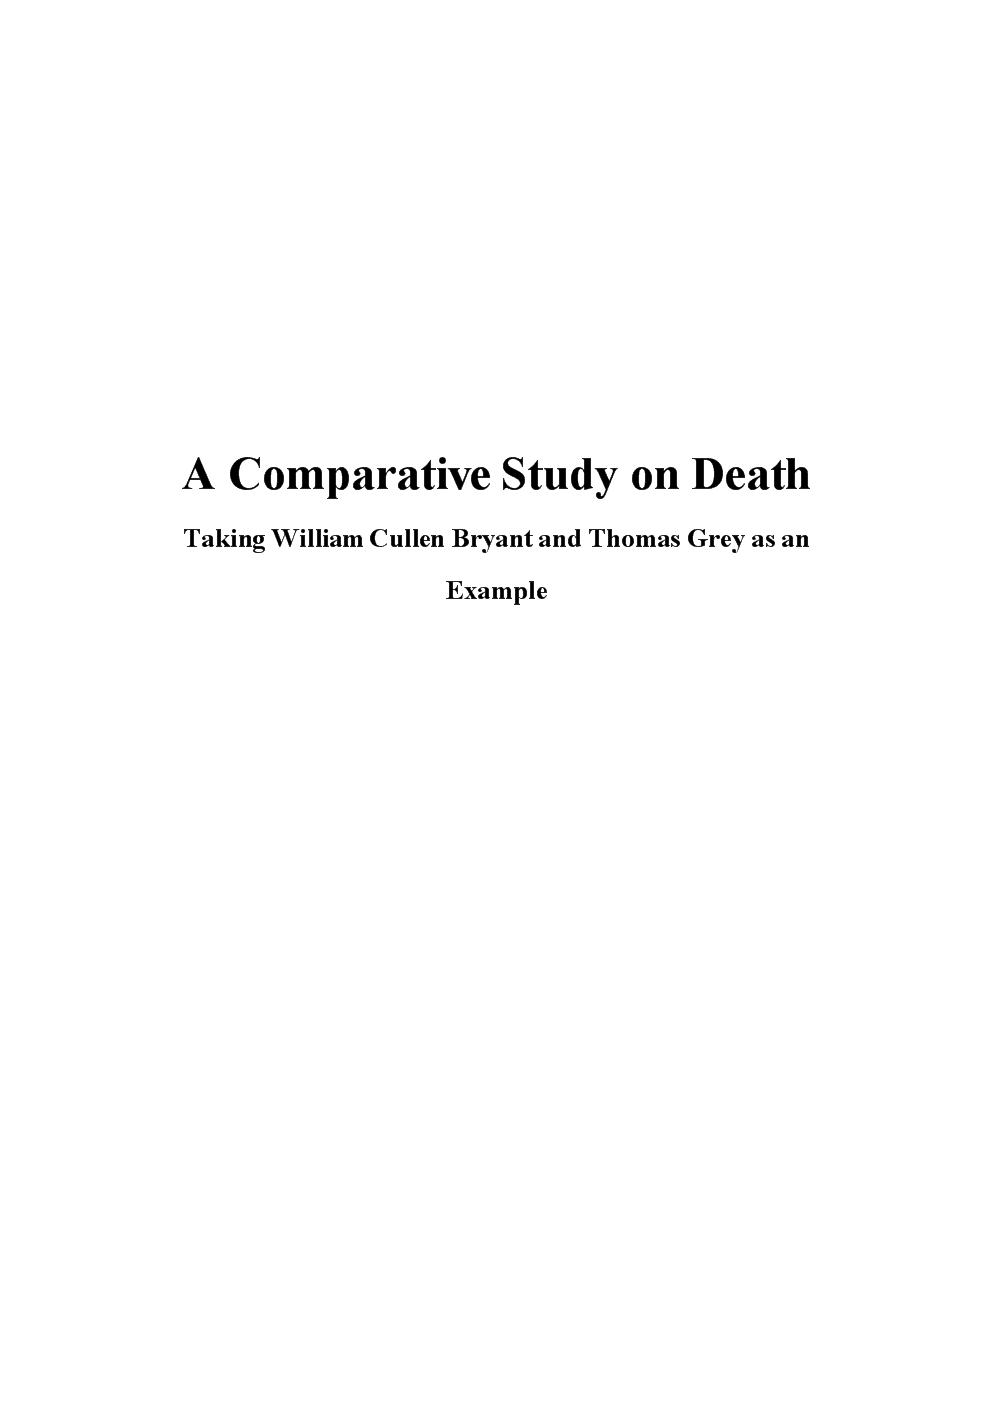 托马斯格雷与布莱恩特的死亡观对比研究(英文).docx